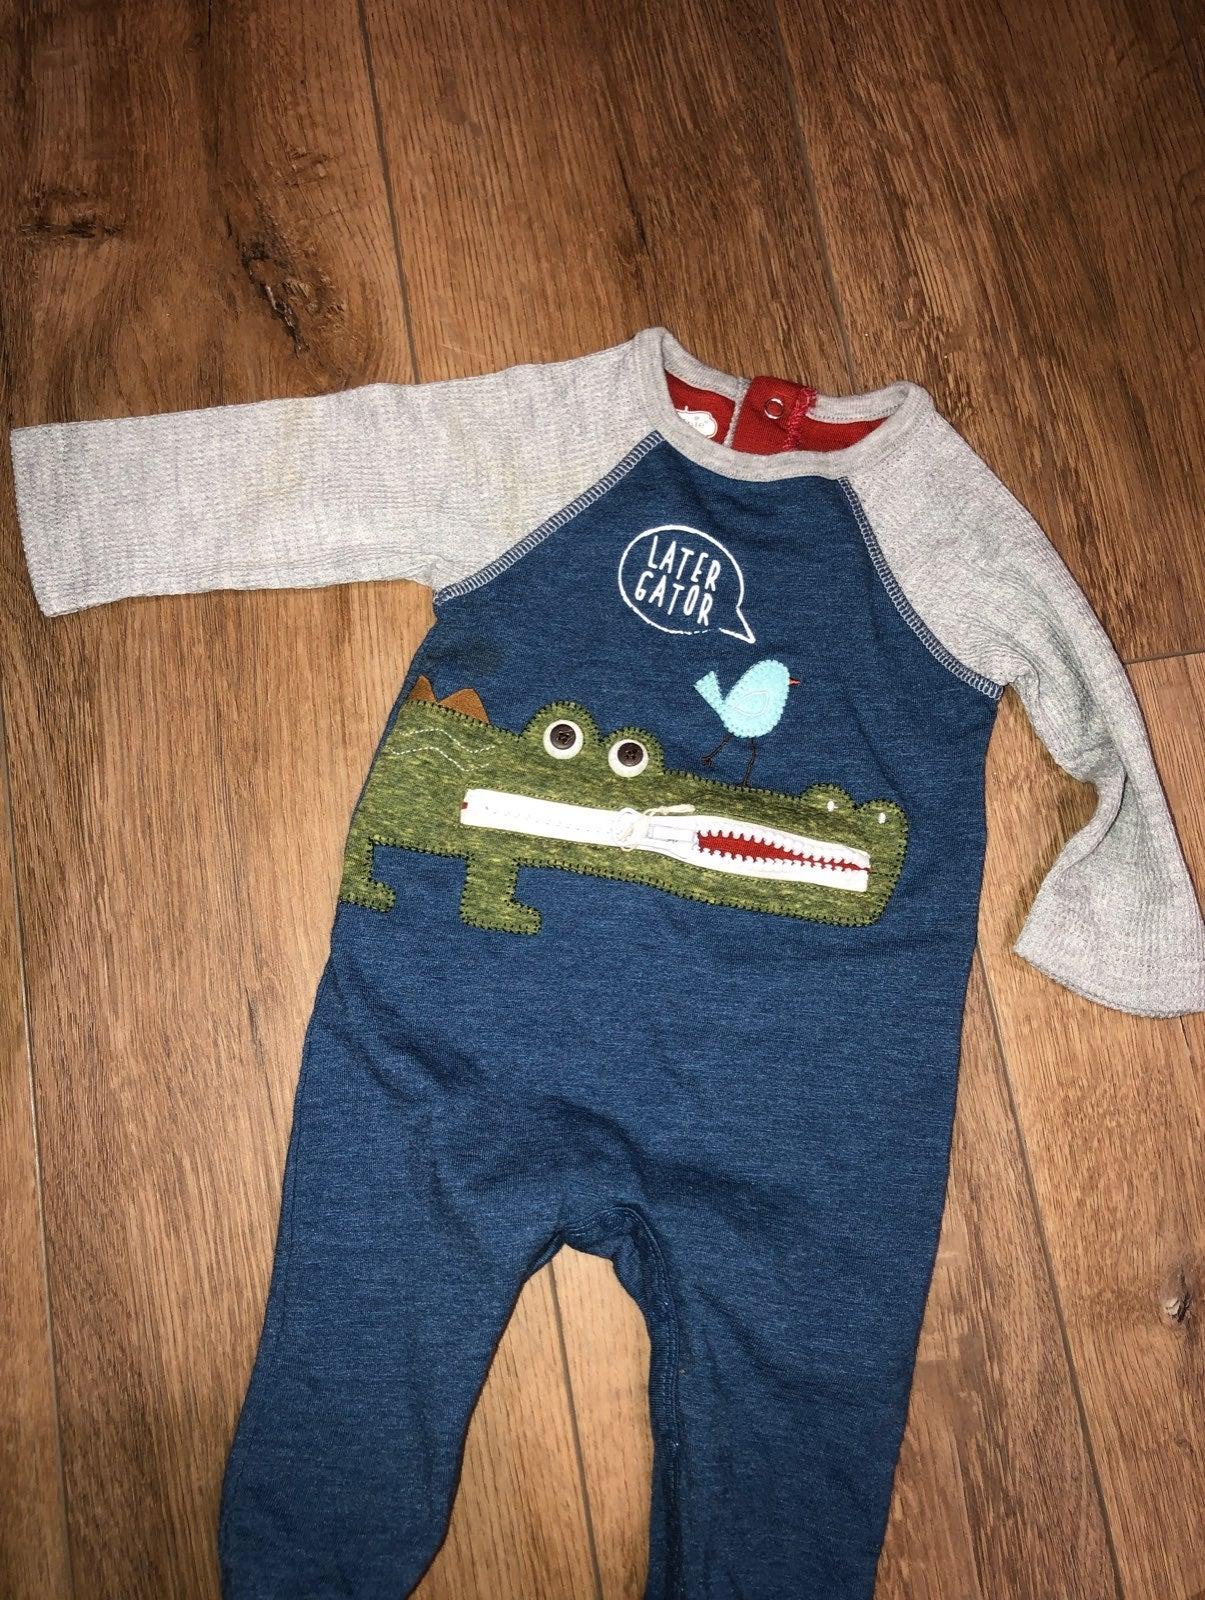 Mud Pie Baby long sleeve romper